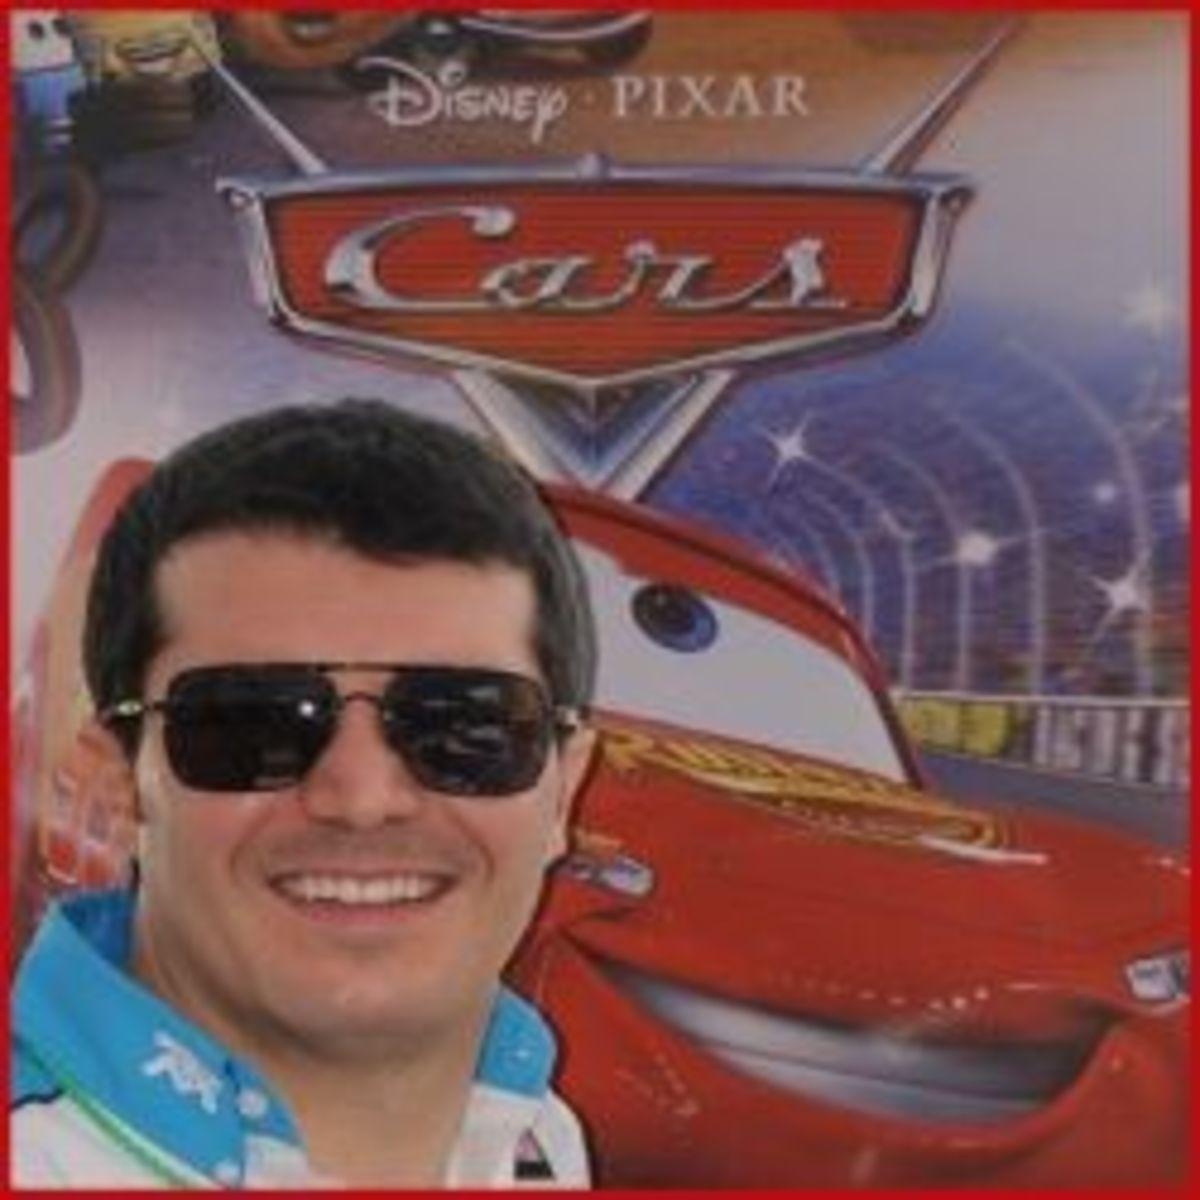 Memo Rojas Cars 2 Design Malu Couttolenc